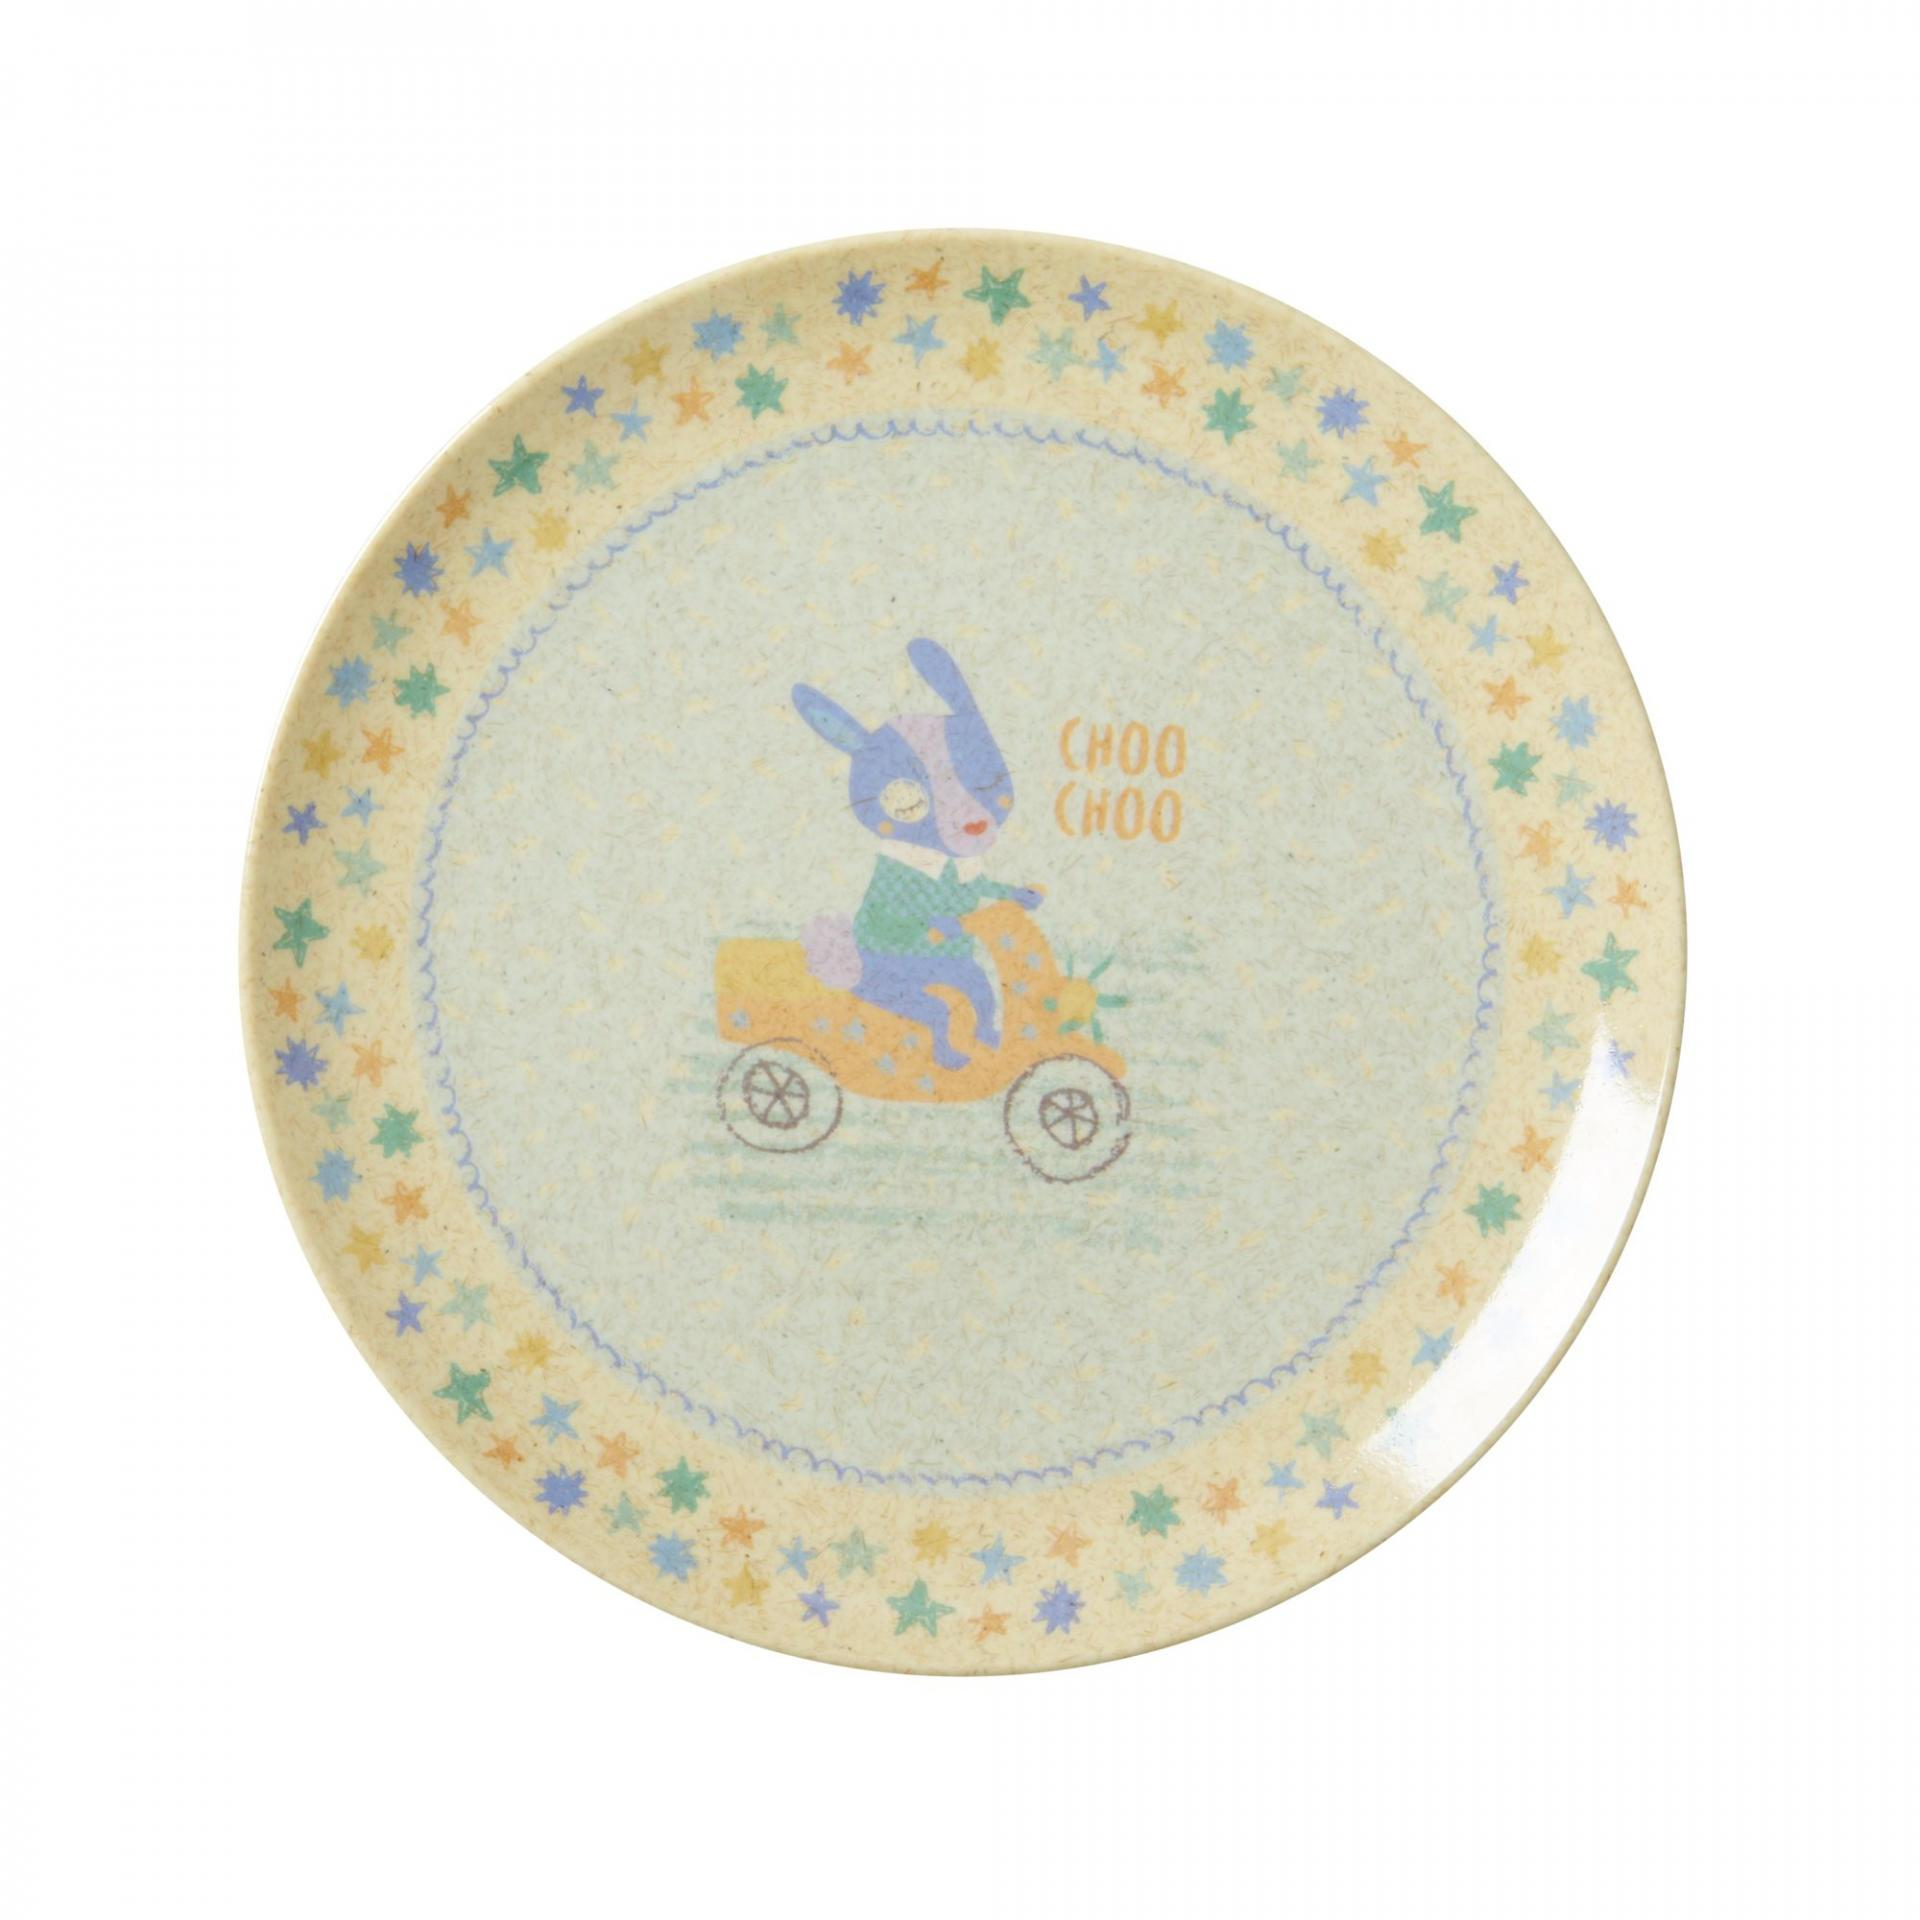 rice Melaminový talířek Race, modrá barva, melamin